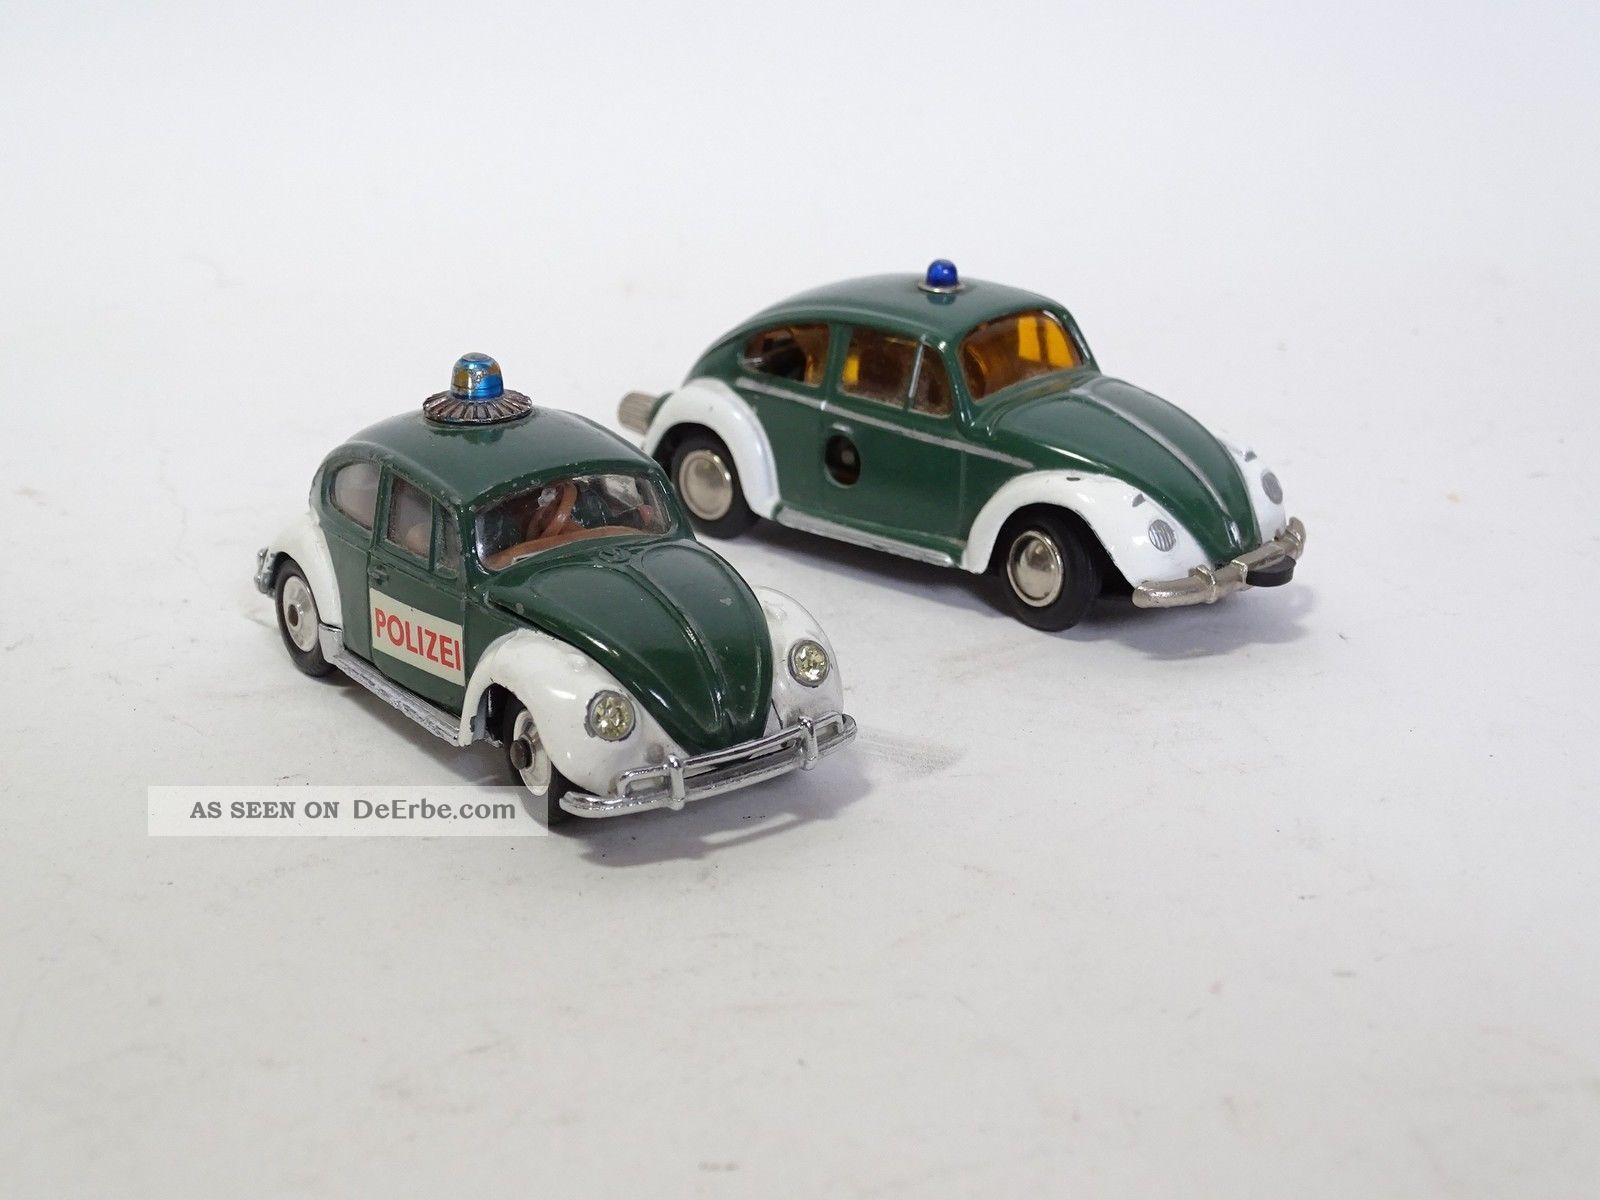 Corgi Schuco Blechspielzeug 2 Seltene Vw Käfer Polizei Modellautos Original, gefertigt 1945-1970 Bild